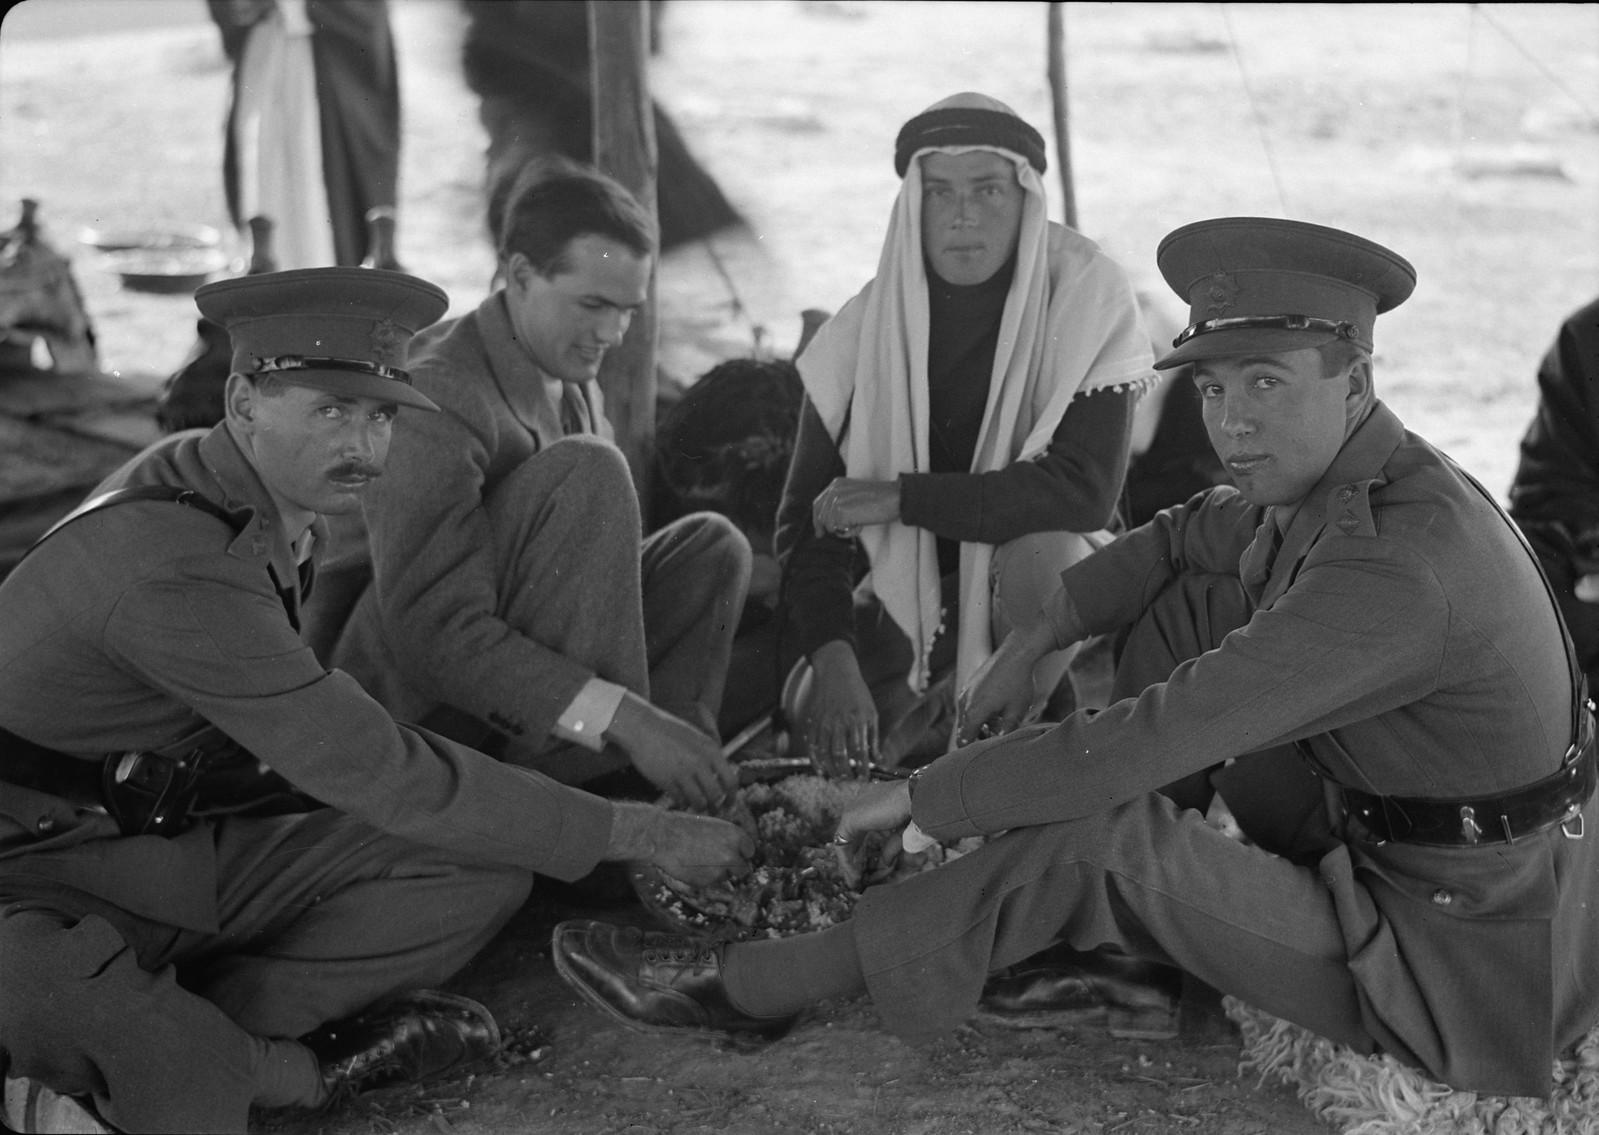 17. Кристофер Холм и Г. В. Белл со своими офицерами обедают в восточном стиле, крупным планом